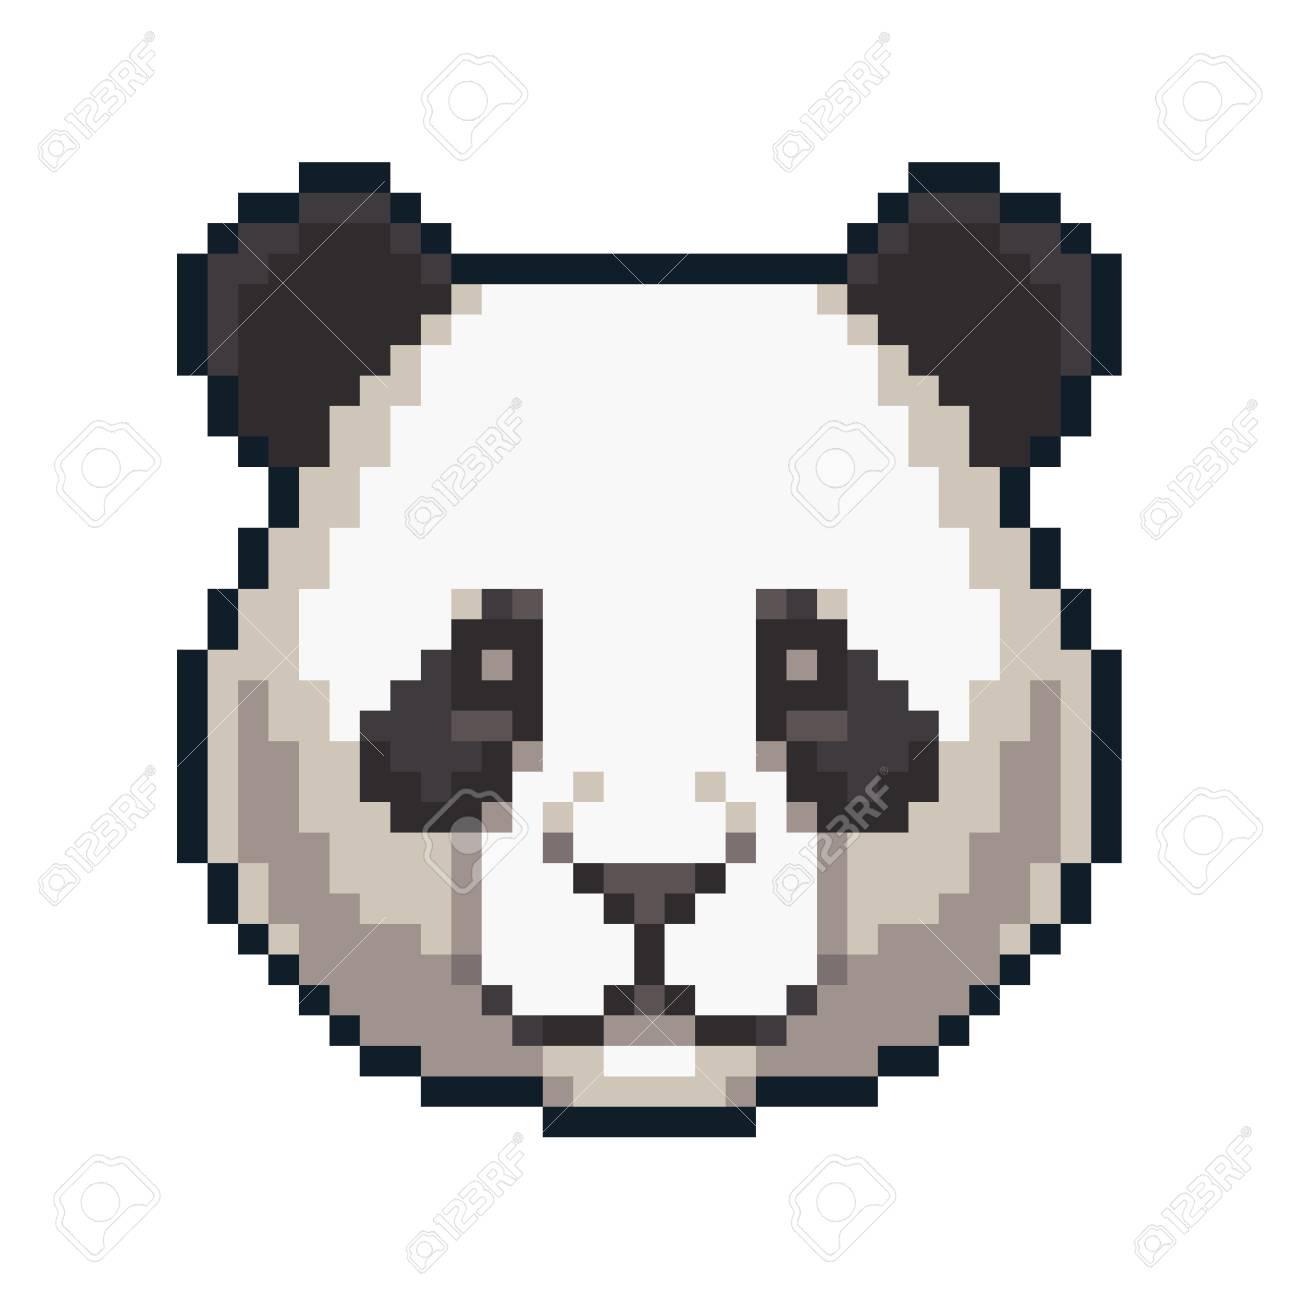 Pixel Art Giant Panda Isolated On White Background Royalty Free